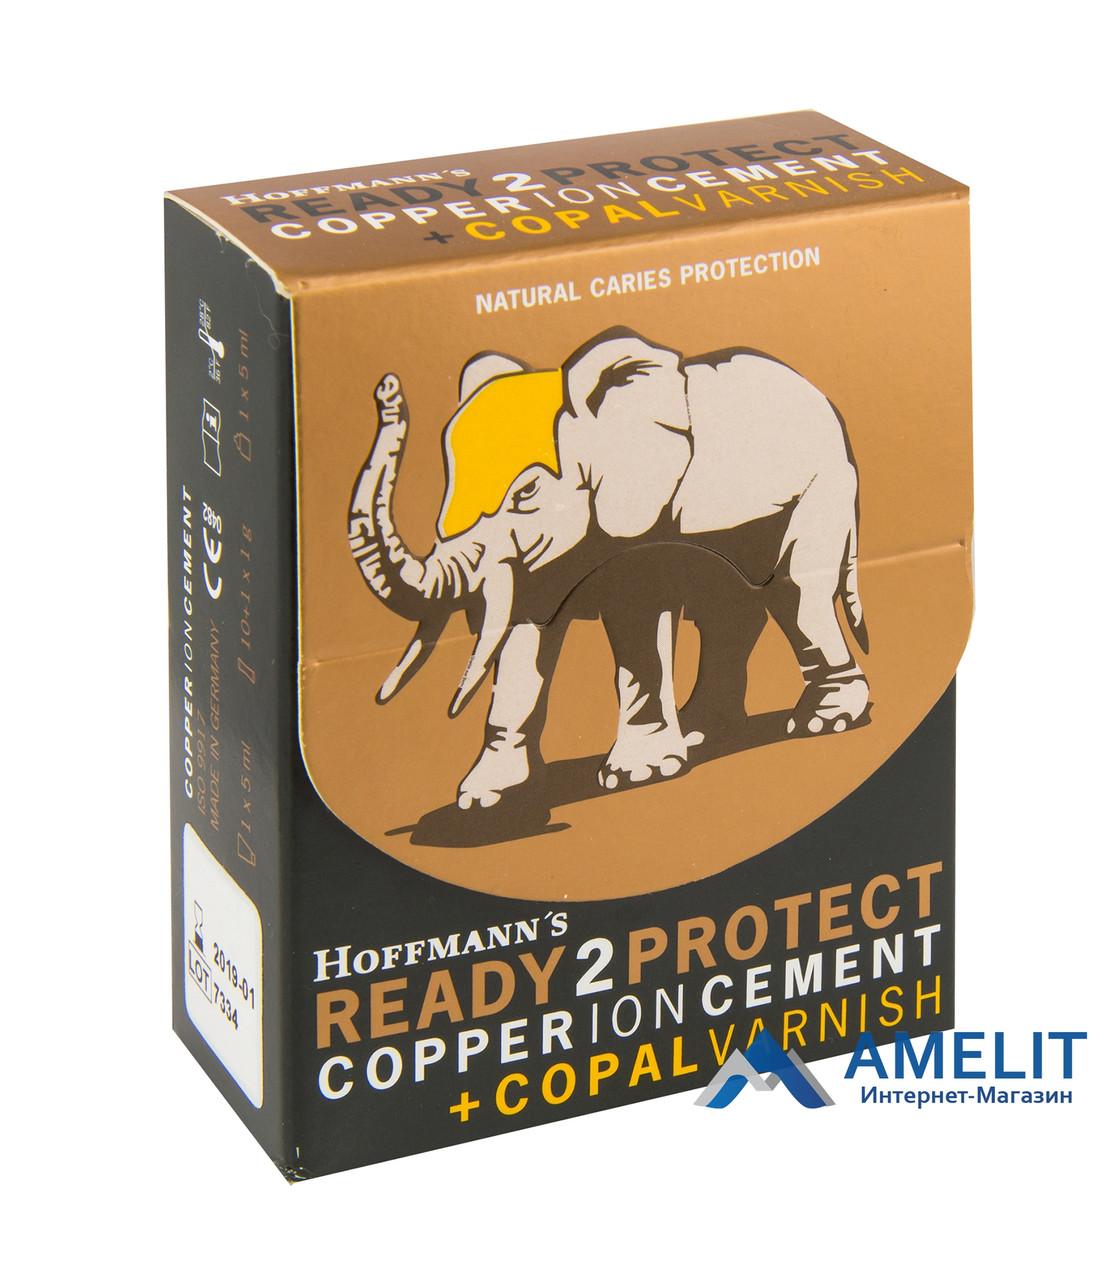 Хоффманс, лечебный природный цемент с копал-лаком и ионами меди (Hoffmann's READY2PROTECT + КОПАЛ-ЛАК), набор